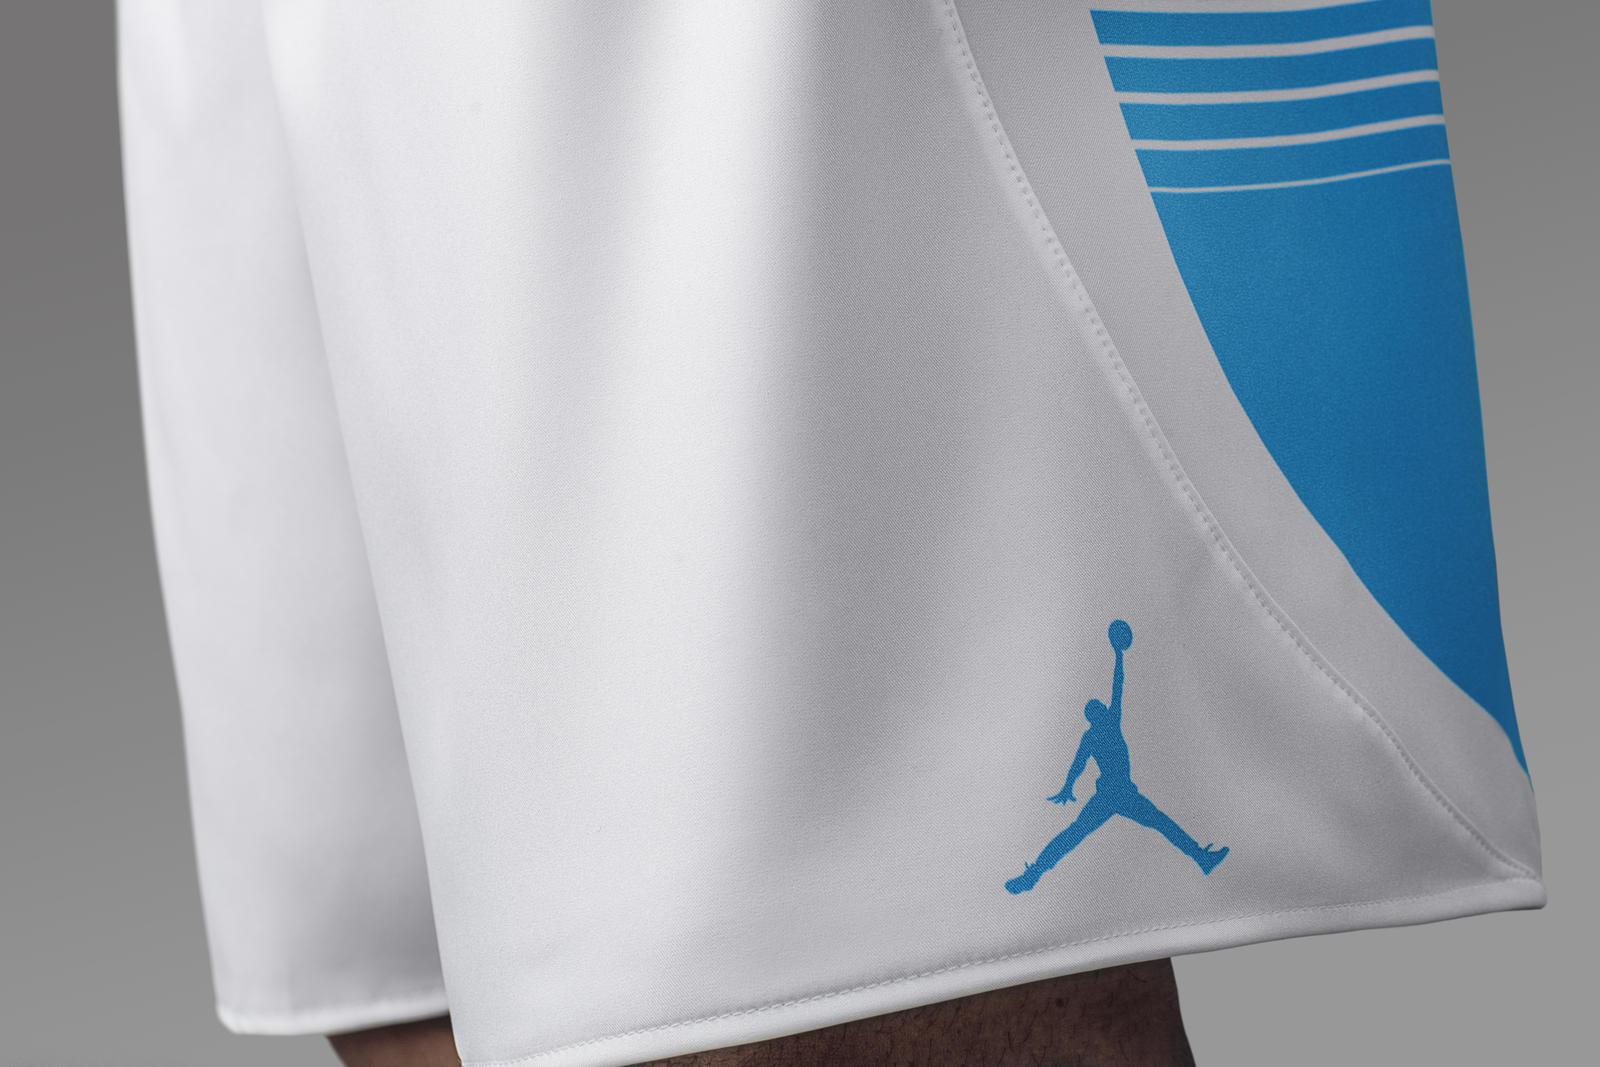 New Argentina Basketball Uniform - Nike